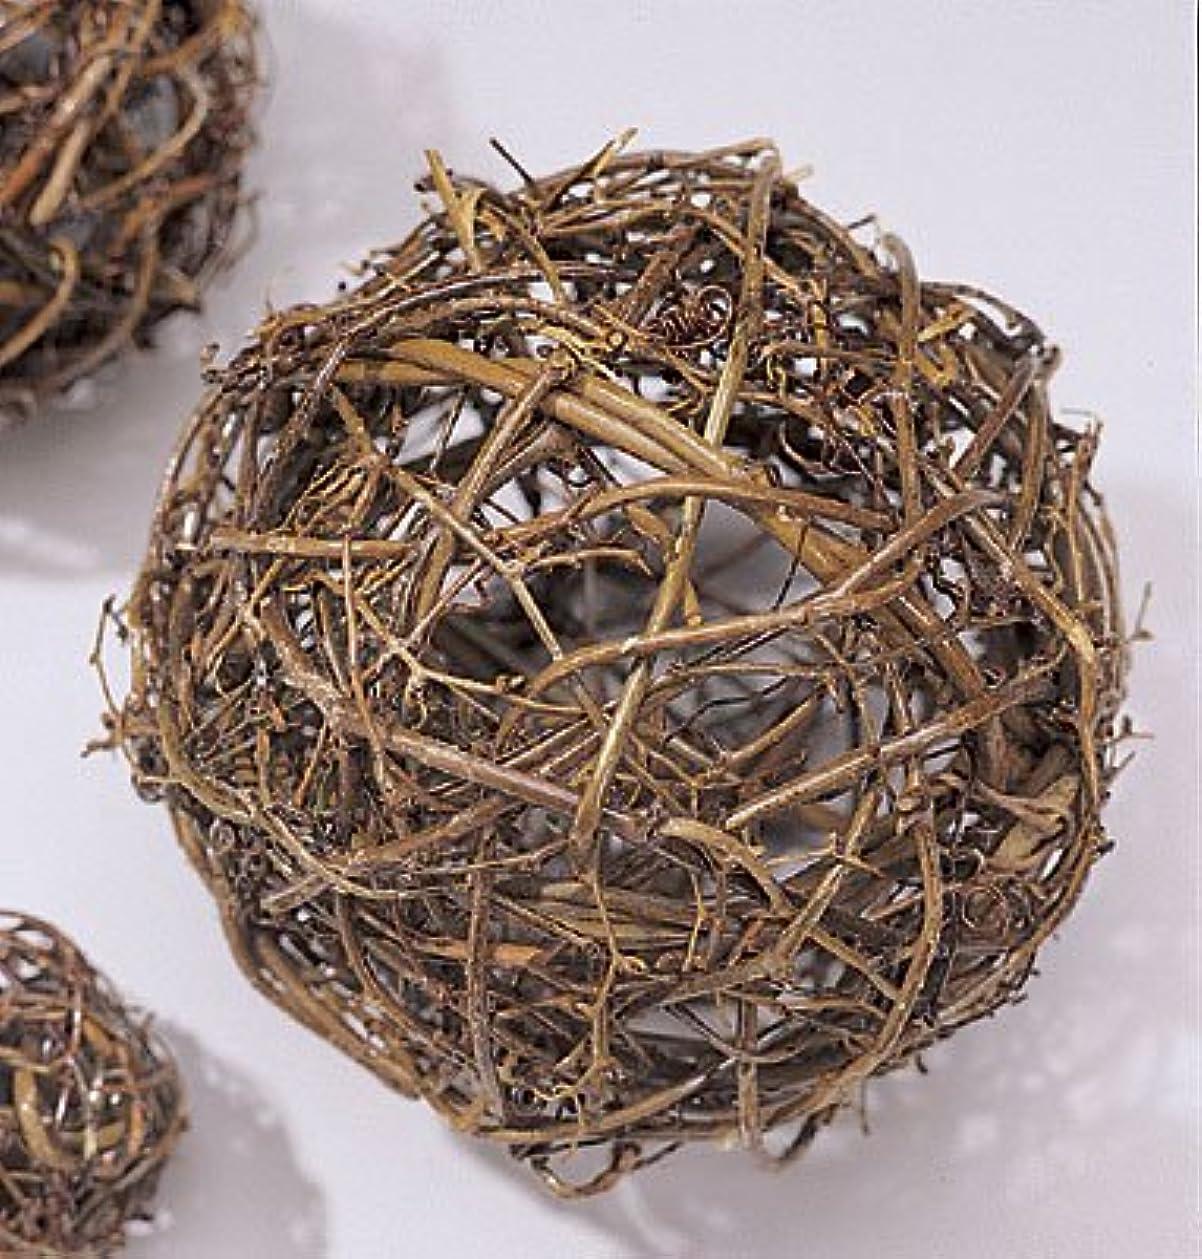 下るたらいショッキング自然Grapevineトピアリーボール6、8、10、12、16、18、24、30、36インチサイズワイヤフレーム Single 30 inch ball